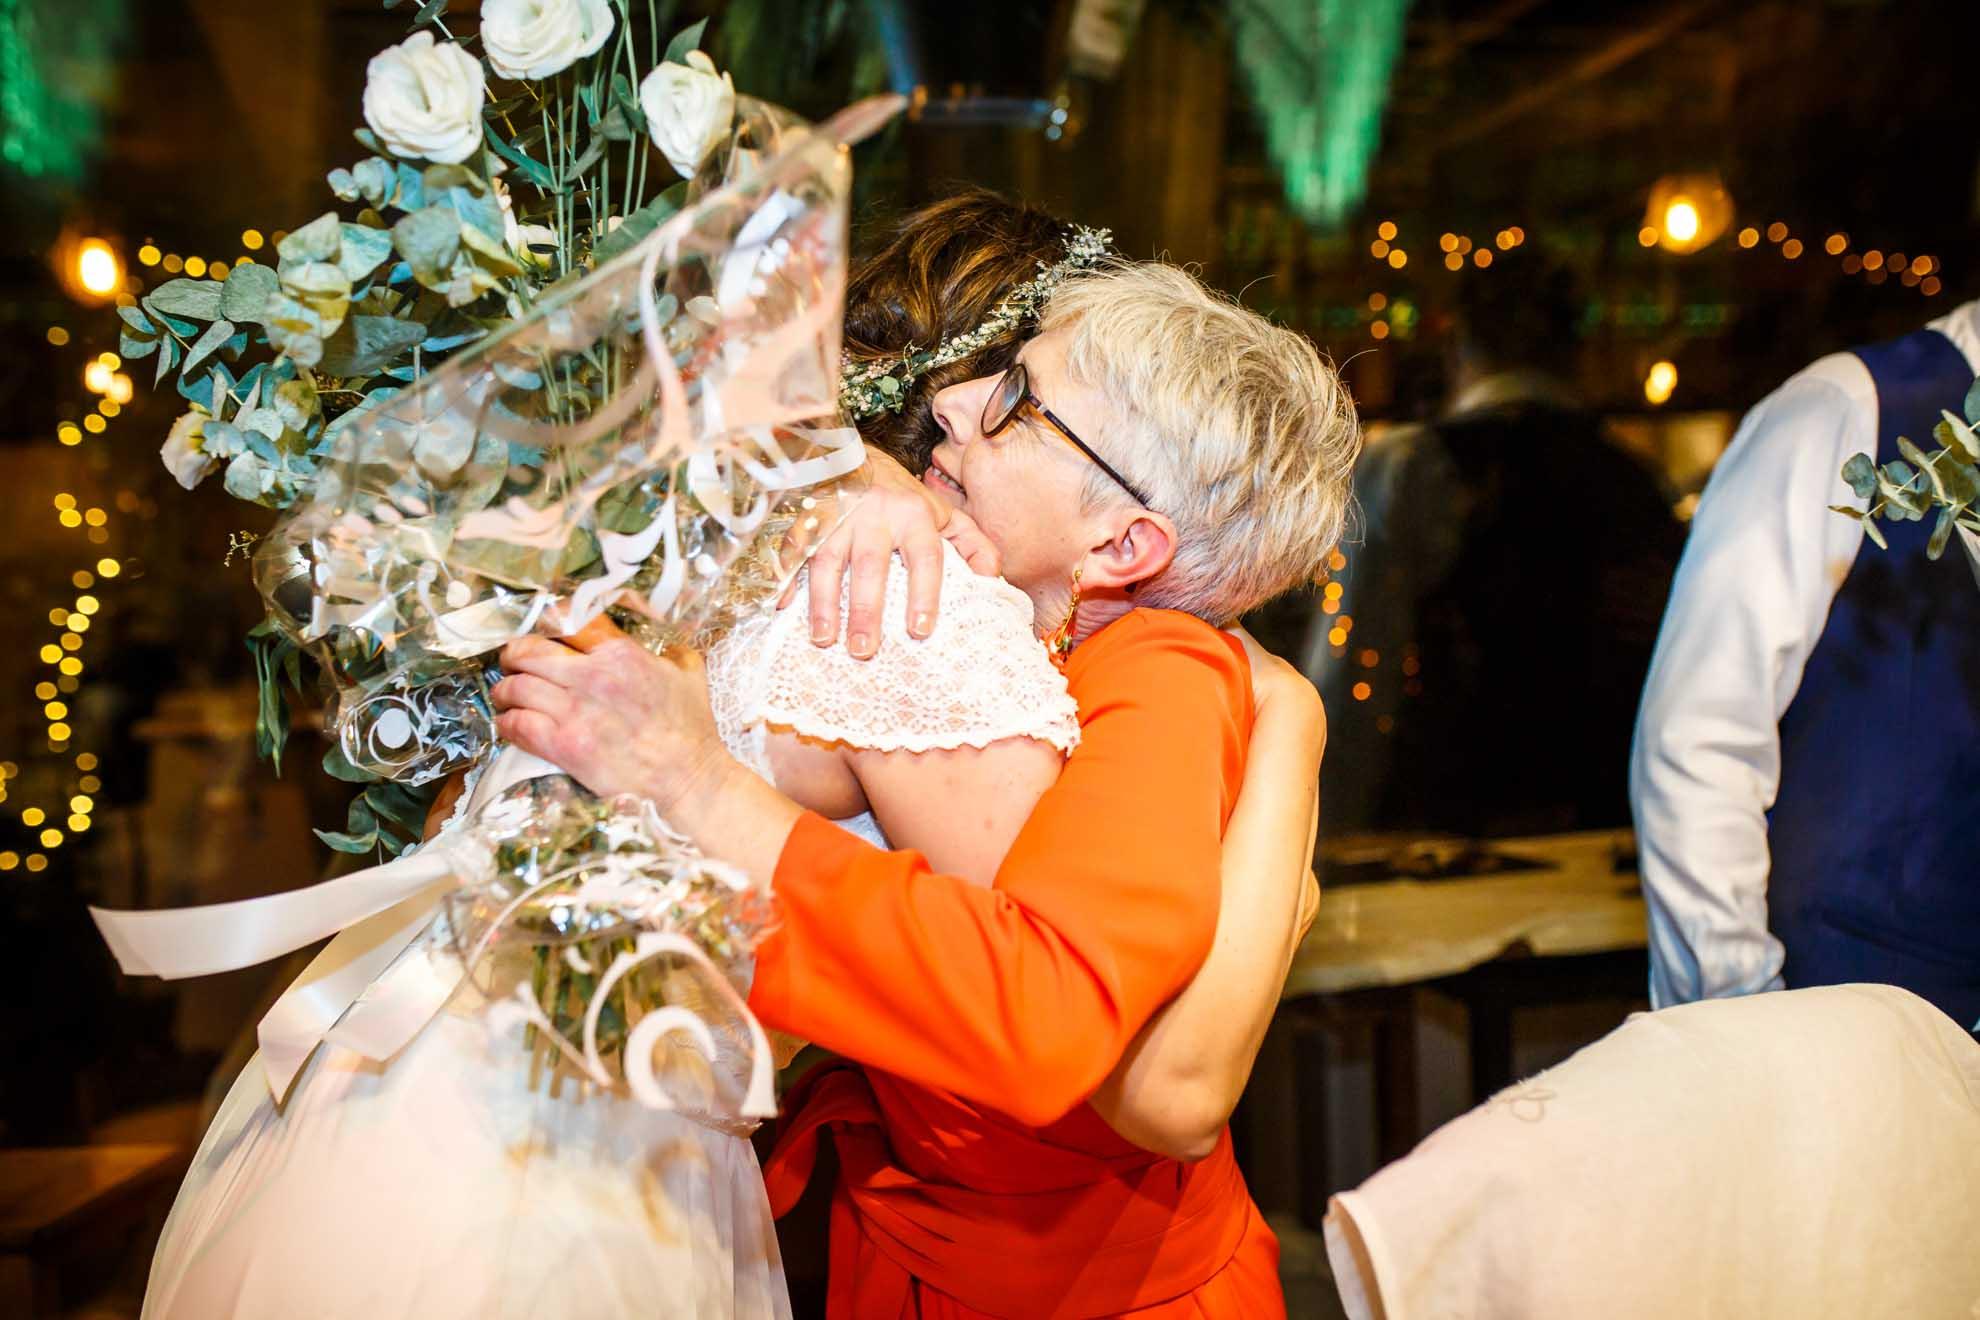 madre y novia se abrazan tras un regalo